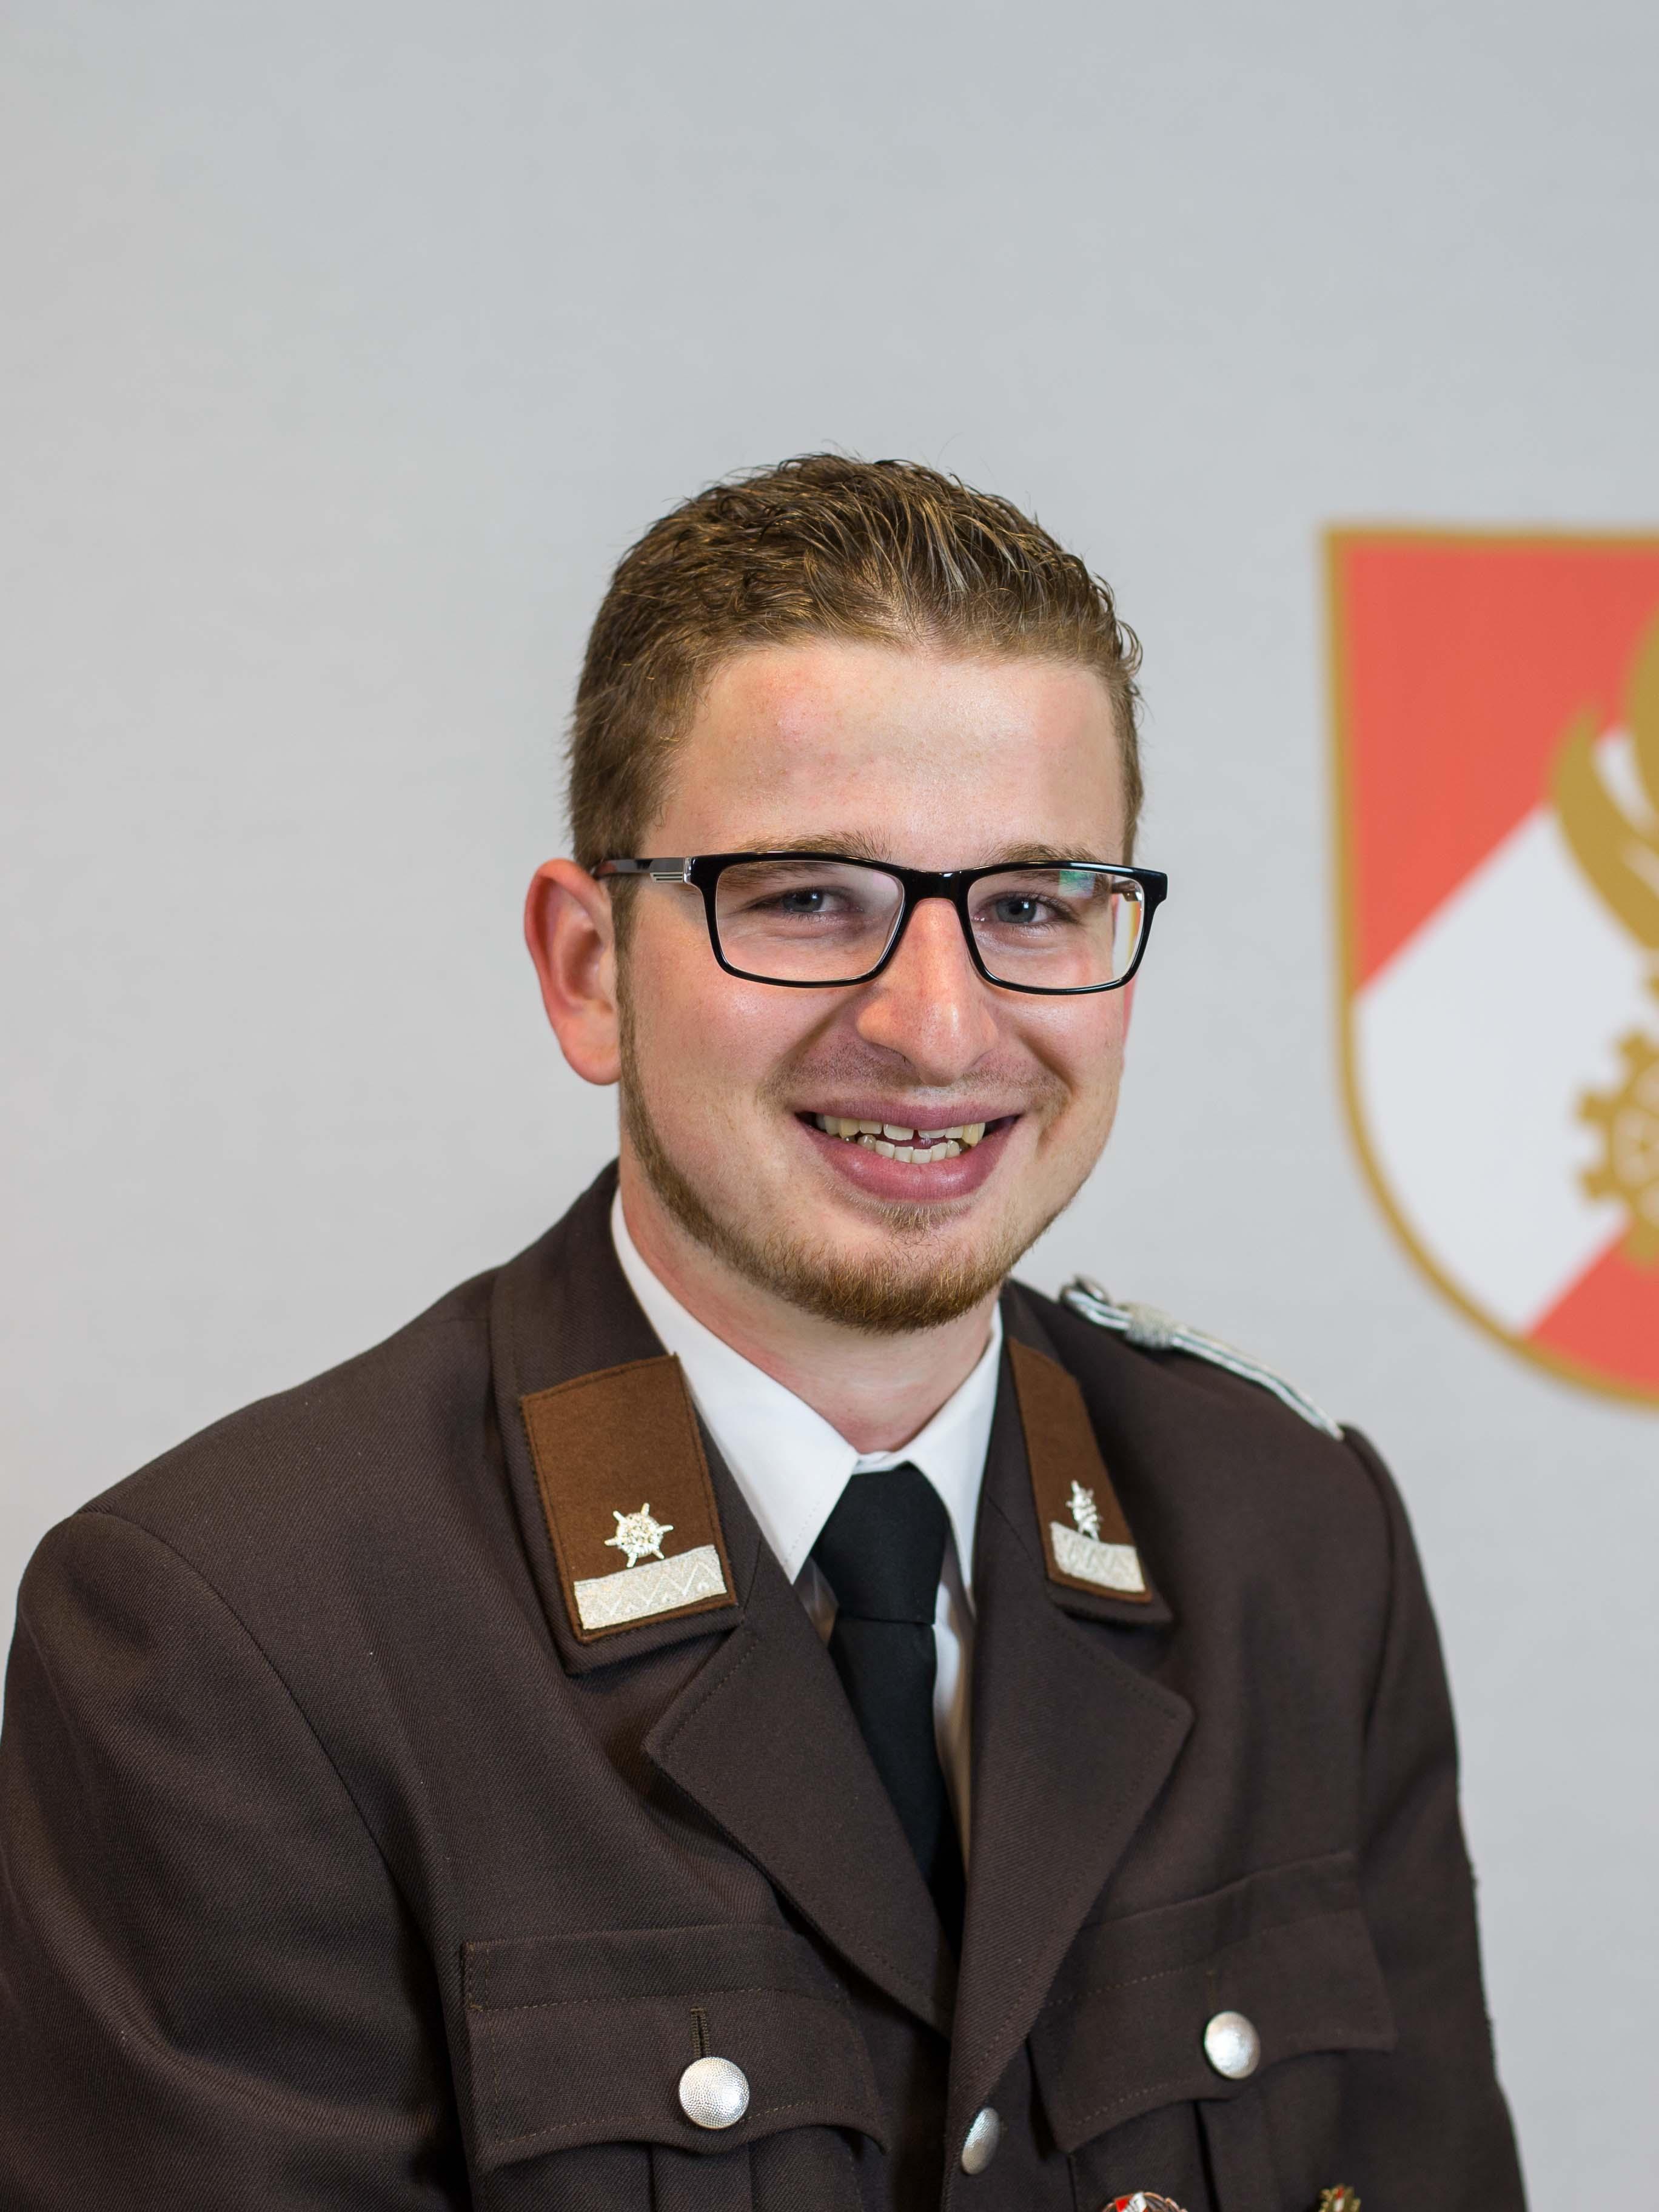 Lukas Schiefer